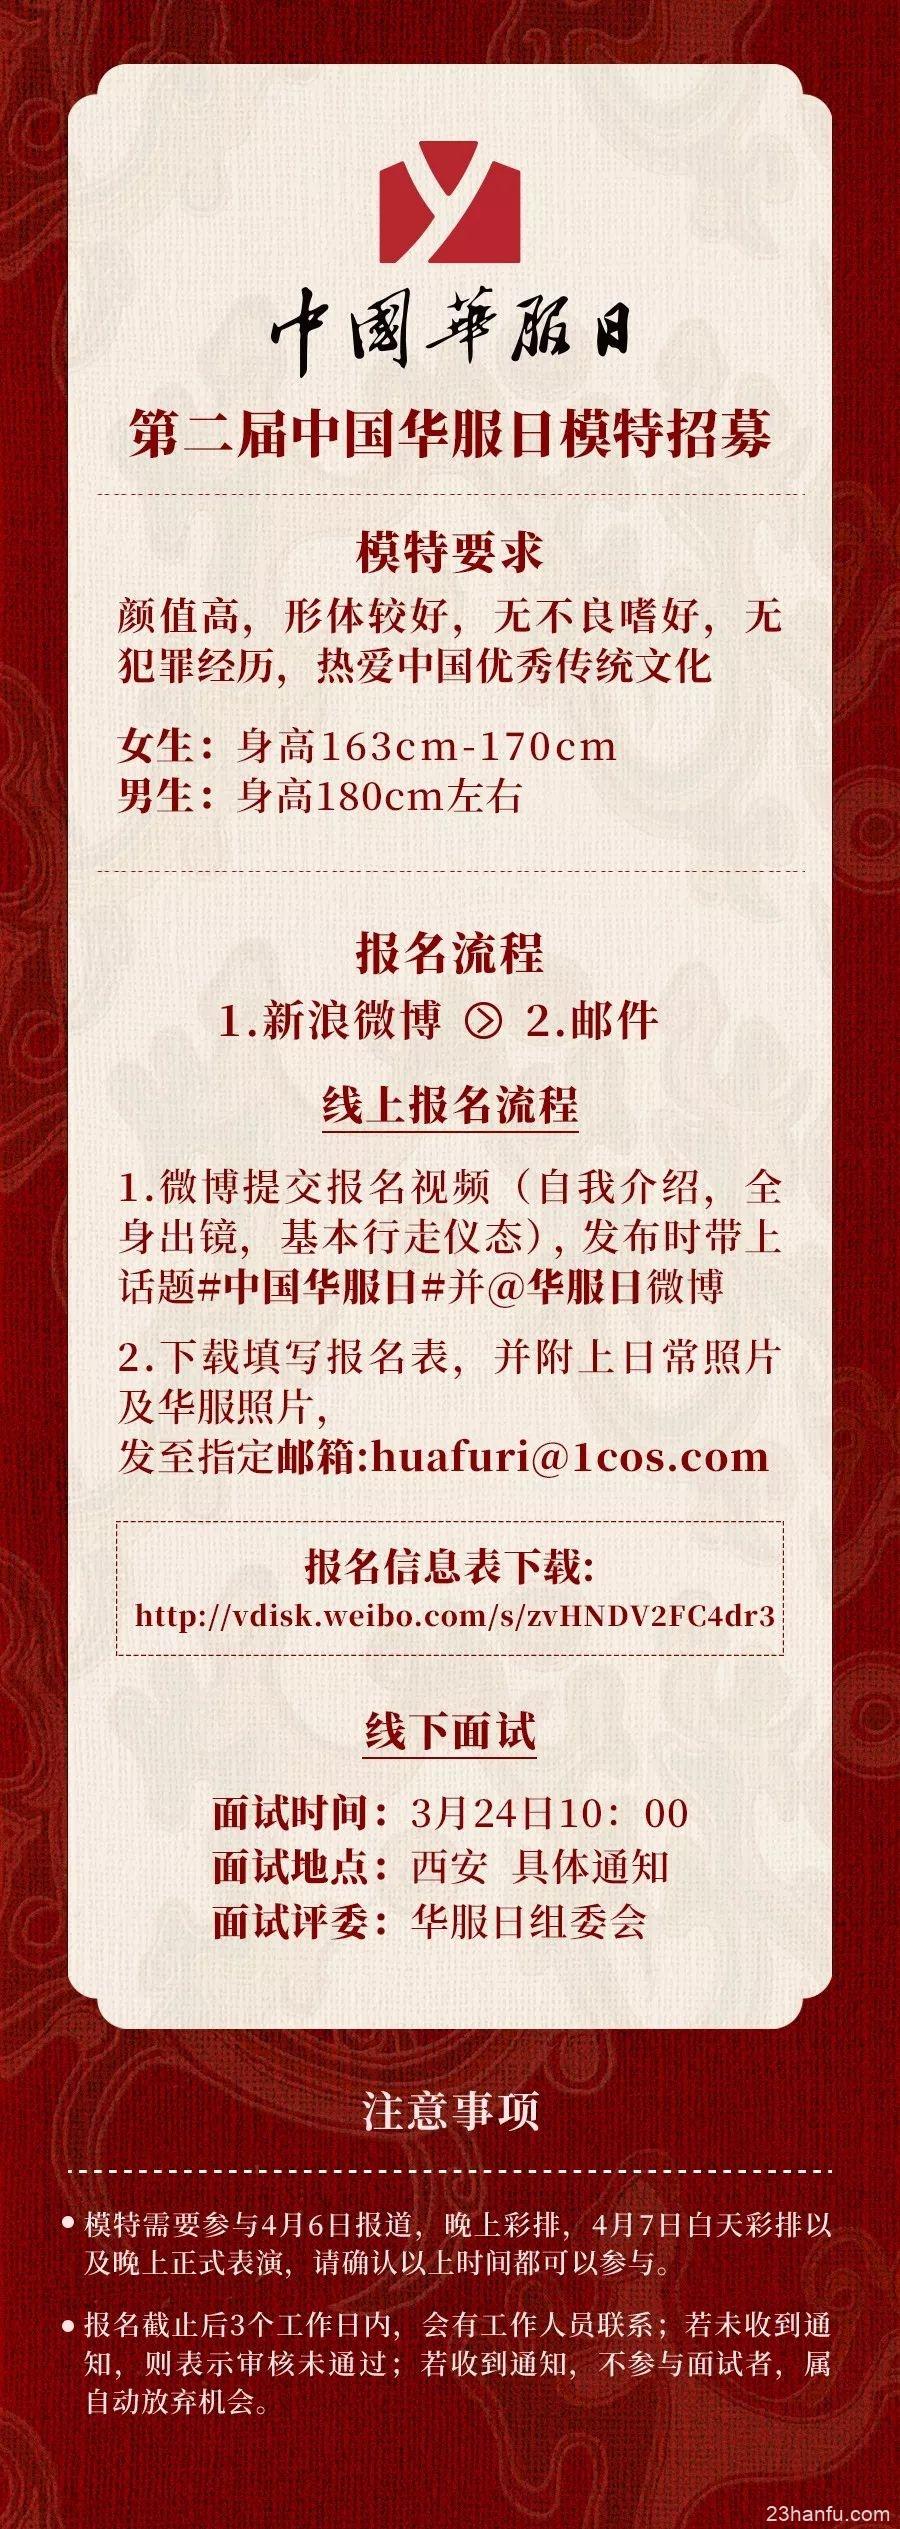 【汉服活动】号外!第二届中国华服日如约而至